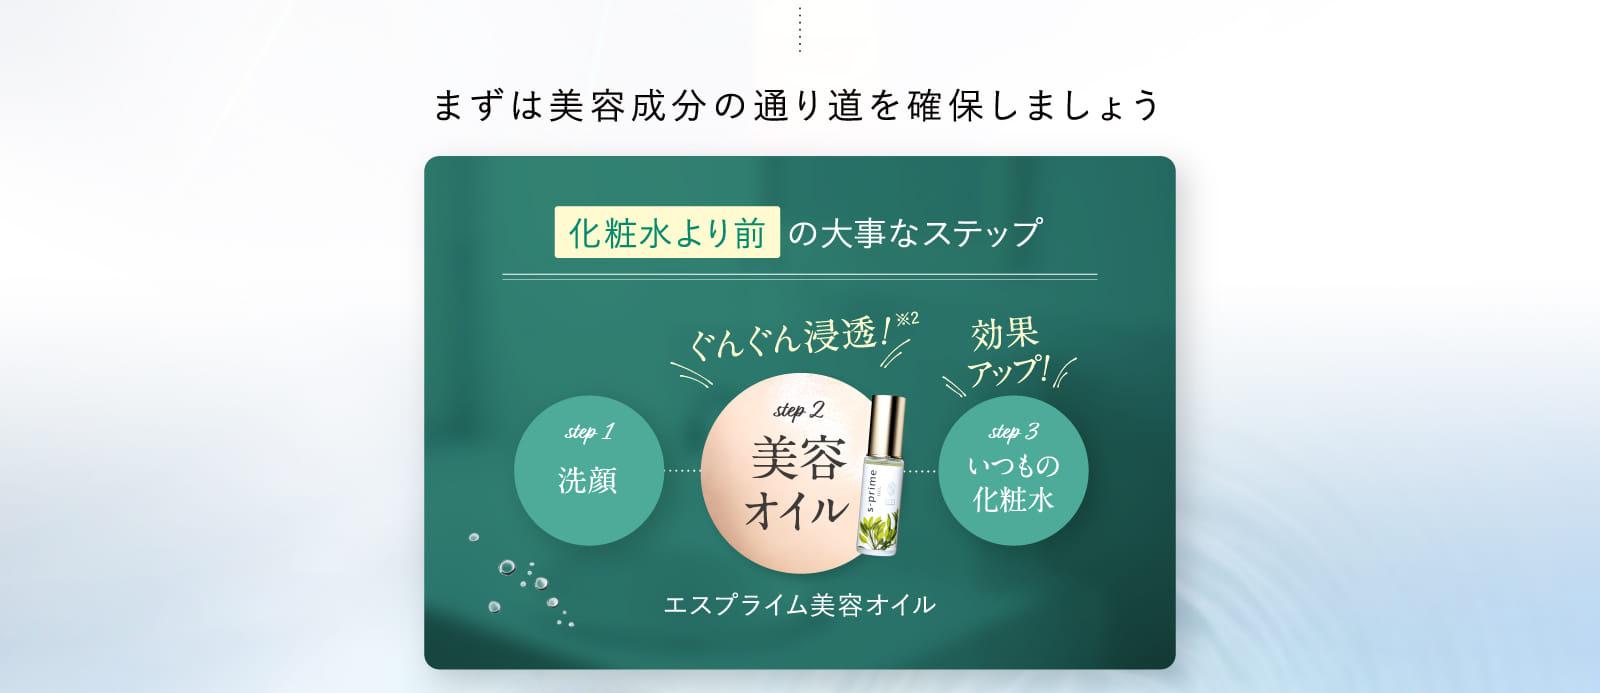 化粧水より前の大事なステップ